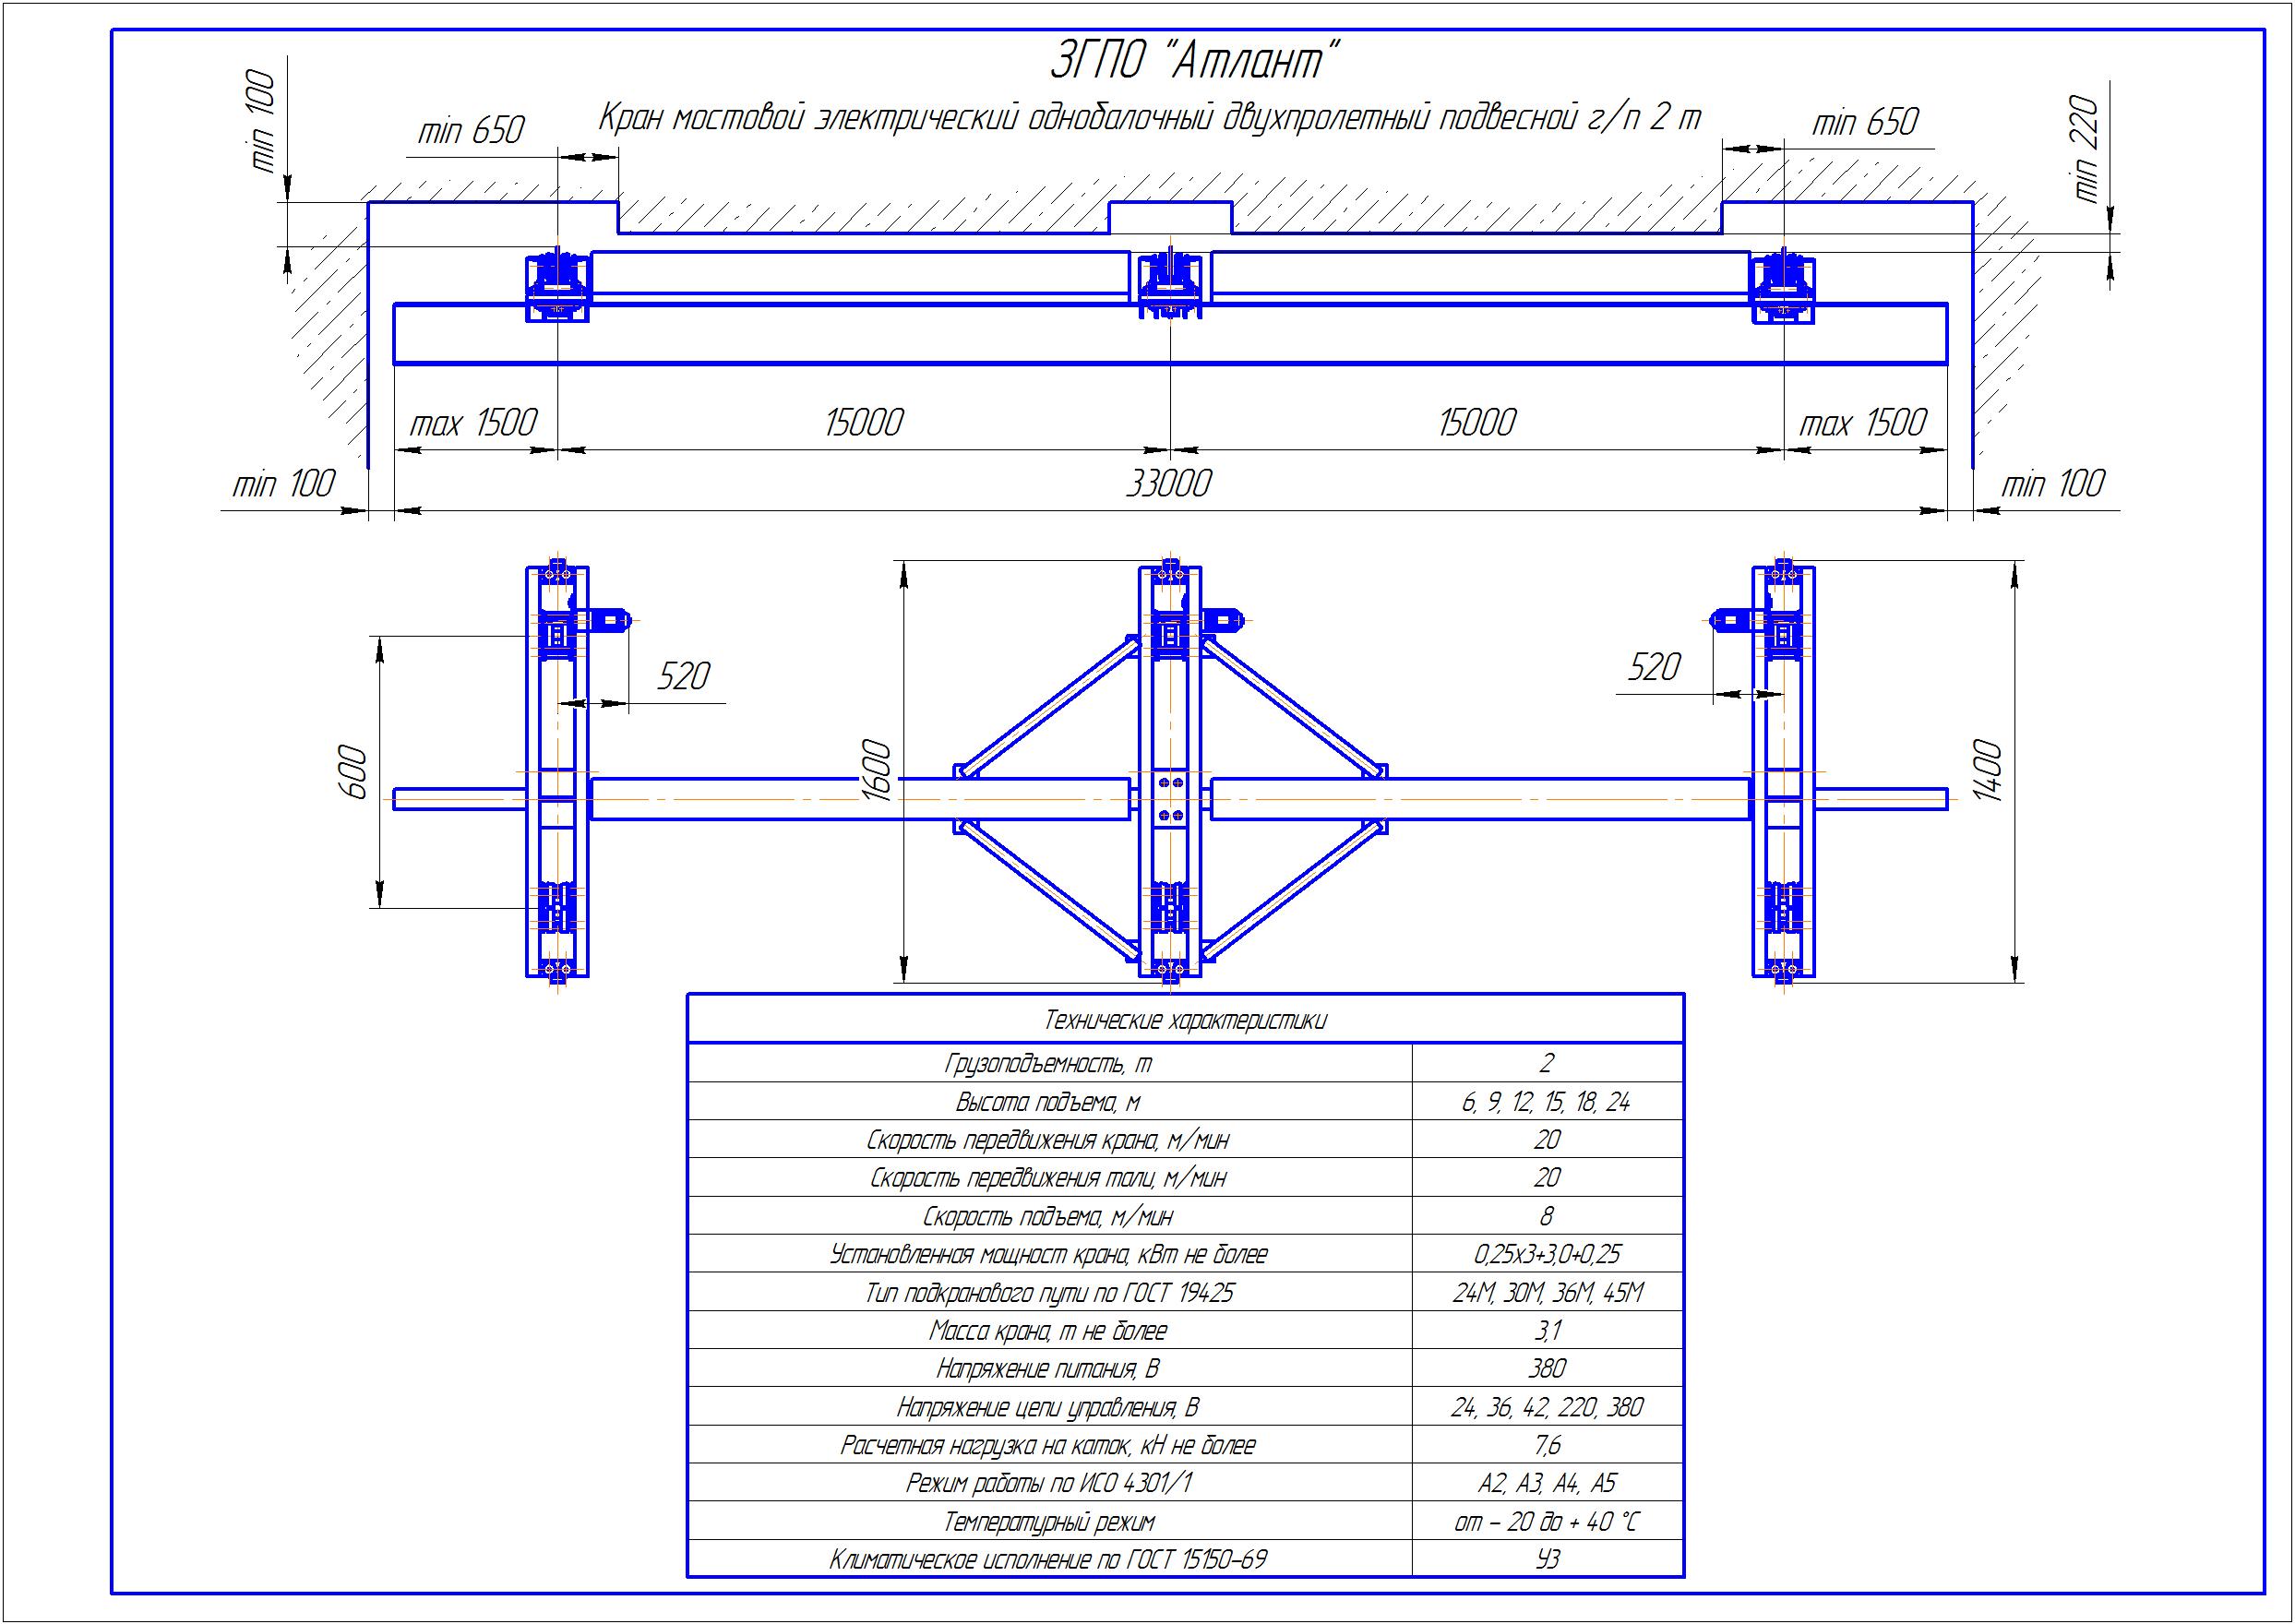 KBPD 2 5 - Подвесная кран балка двухпролетная